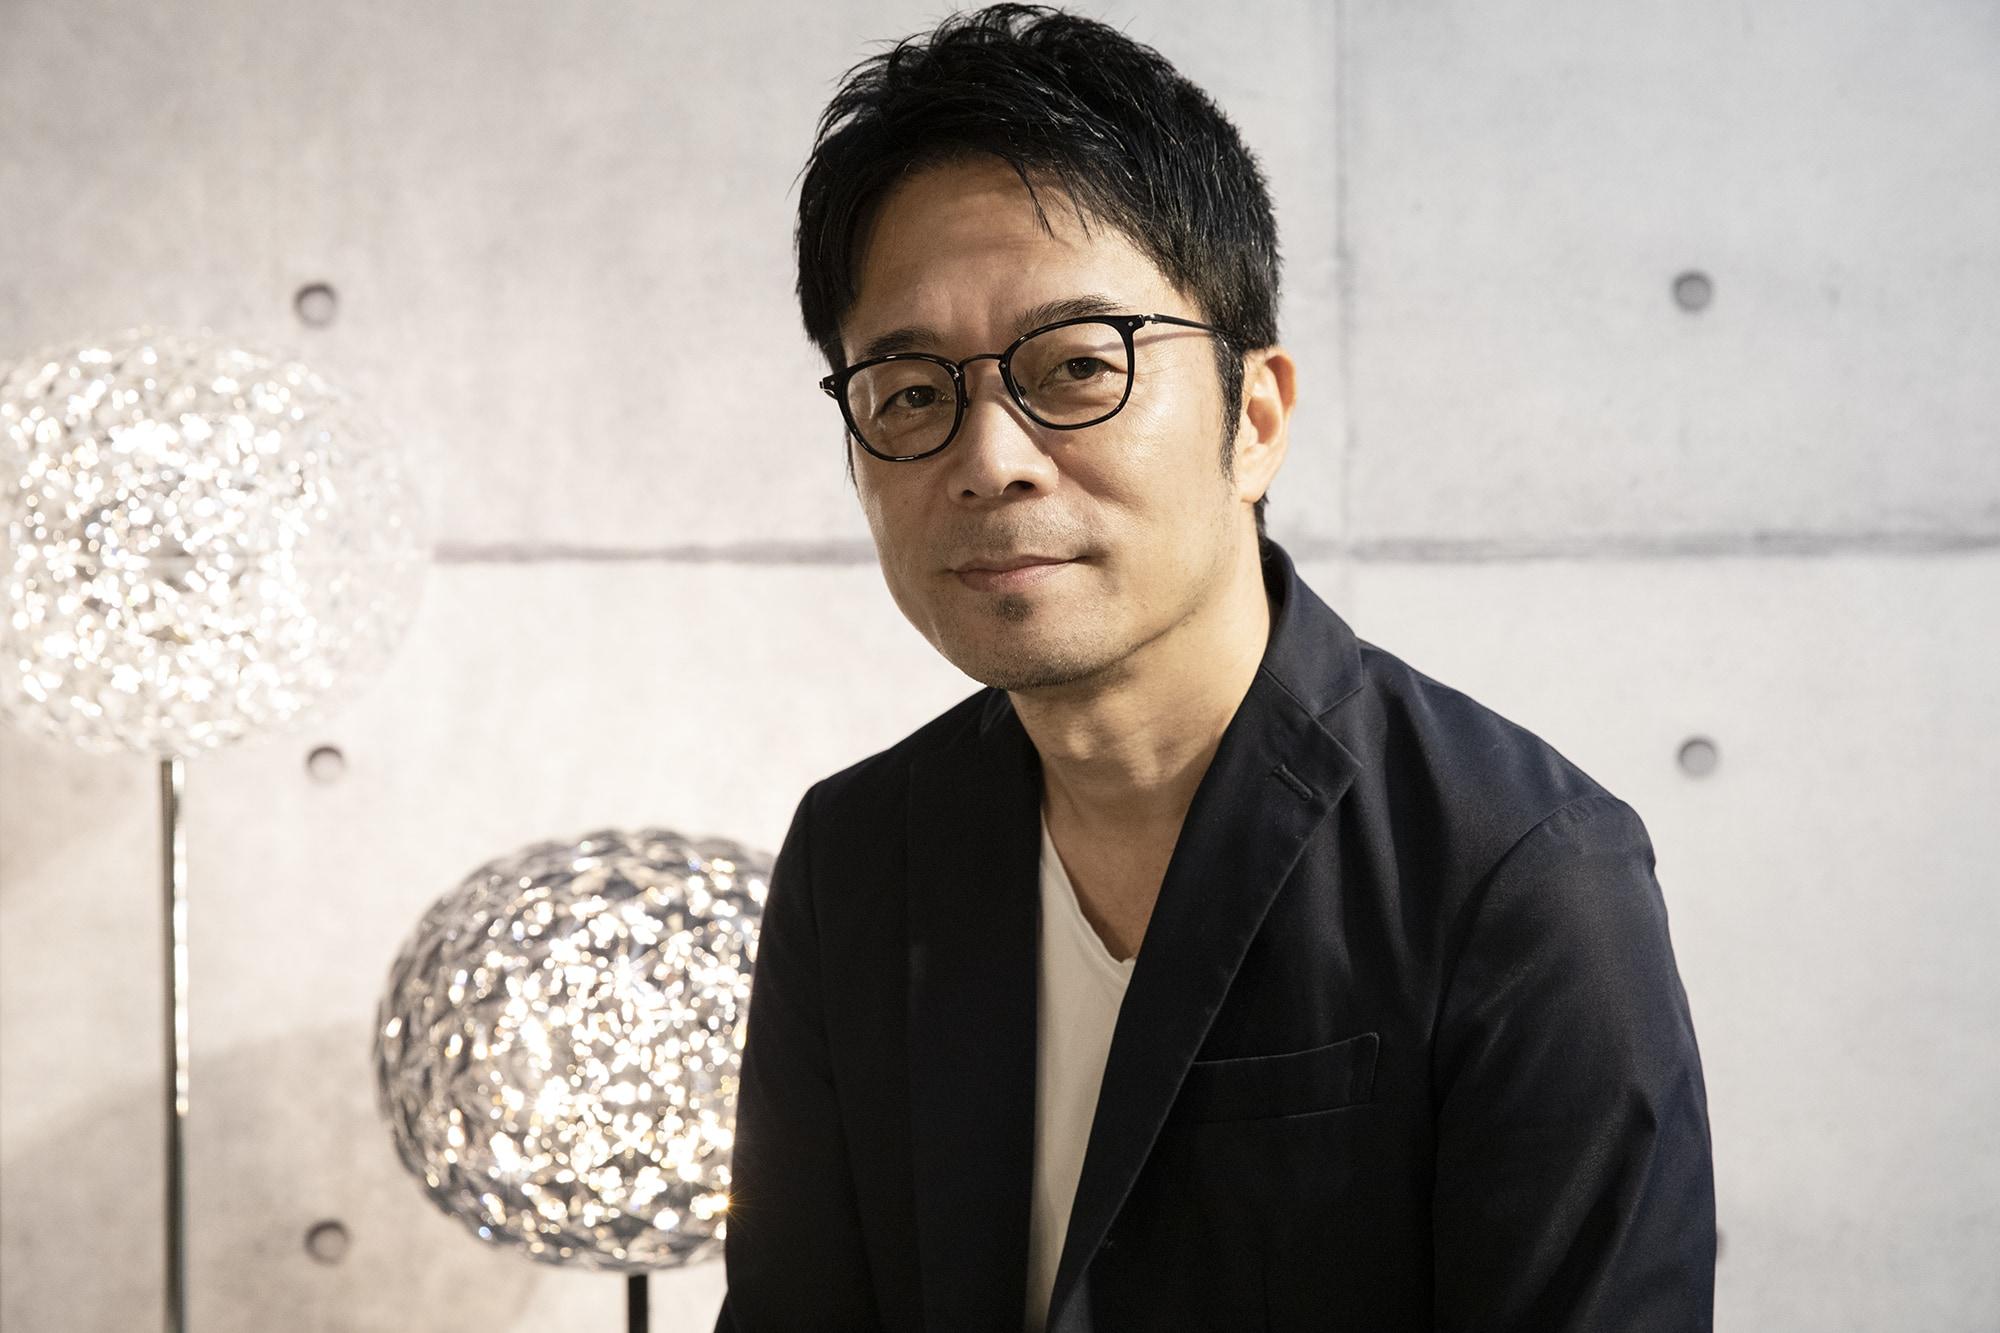 2020年1月6日公開しているPremium Japan「家具の革新に挑む Kartell×吉岡徳仁」より。伊インテリアブランドKartell社とのコラボレーションについて、同社コマーシャルディレクター フェデリコ・ルーティとの対談。背景の照明は吉岡が宇宙に浮かぶ惑星をイメージしてデザインしたKartellの照明「プラネット」